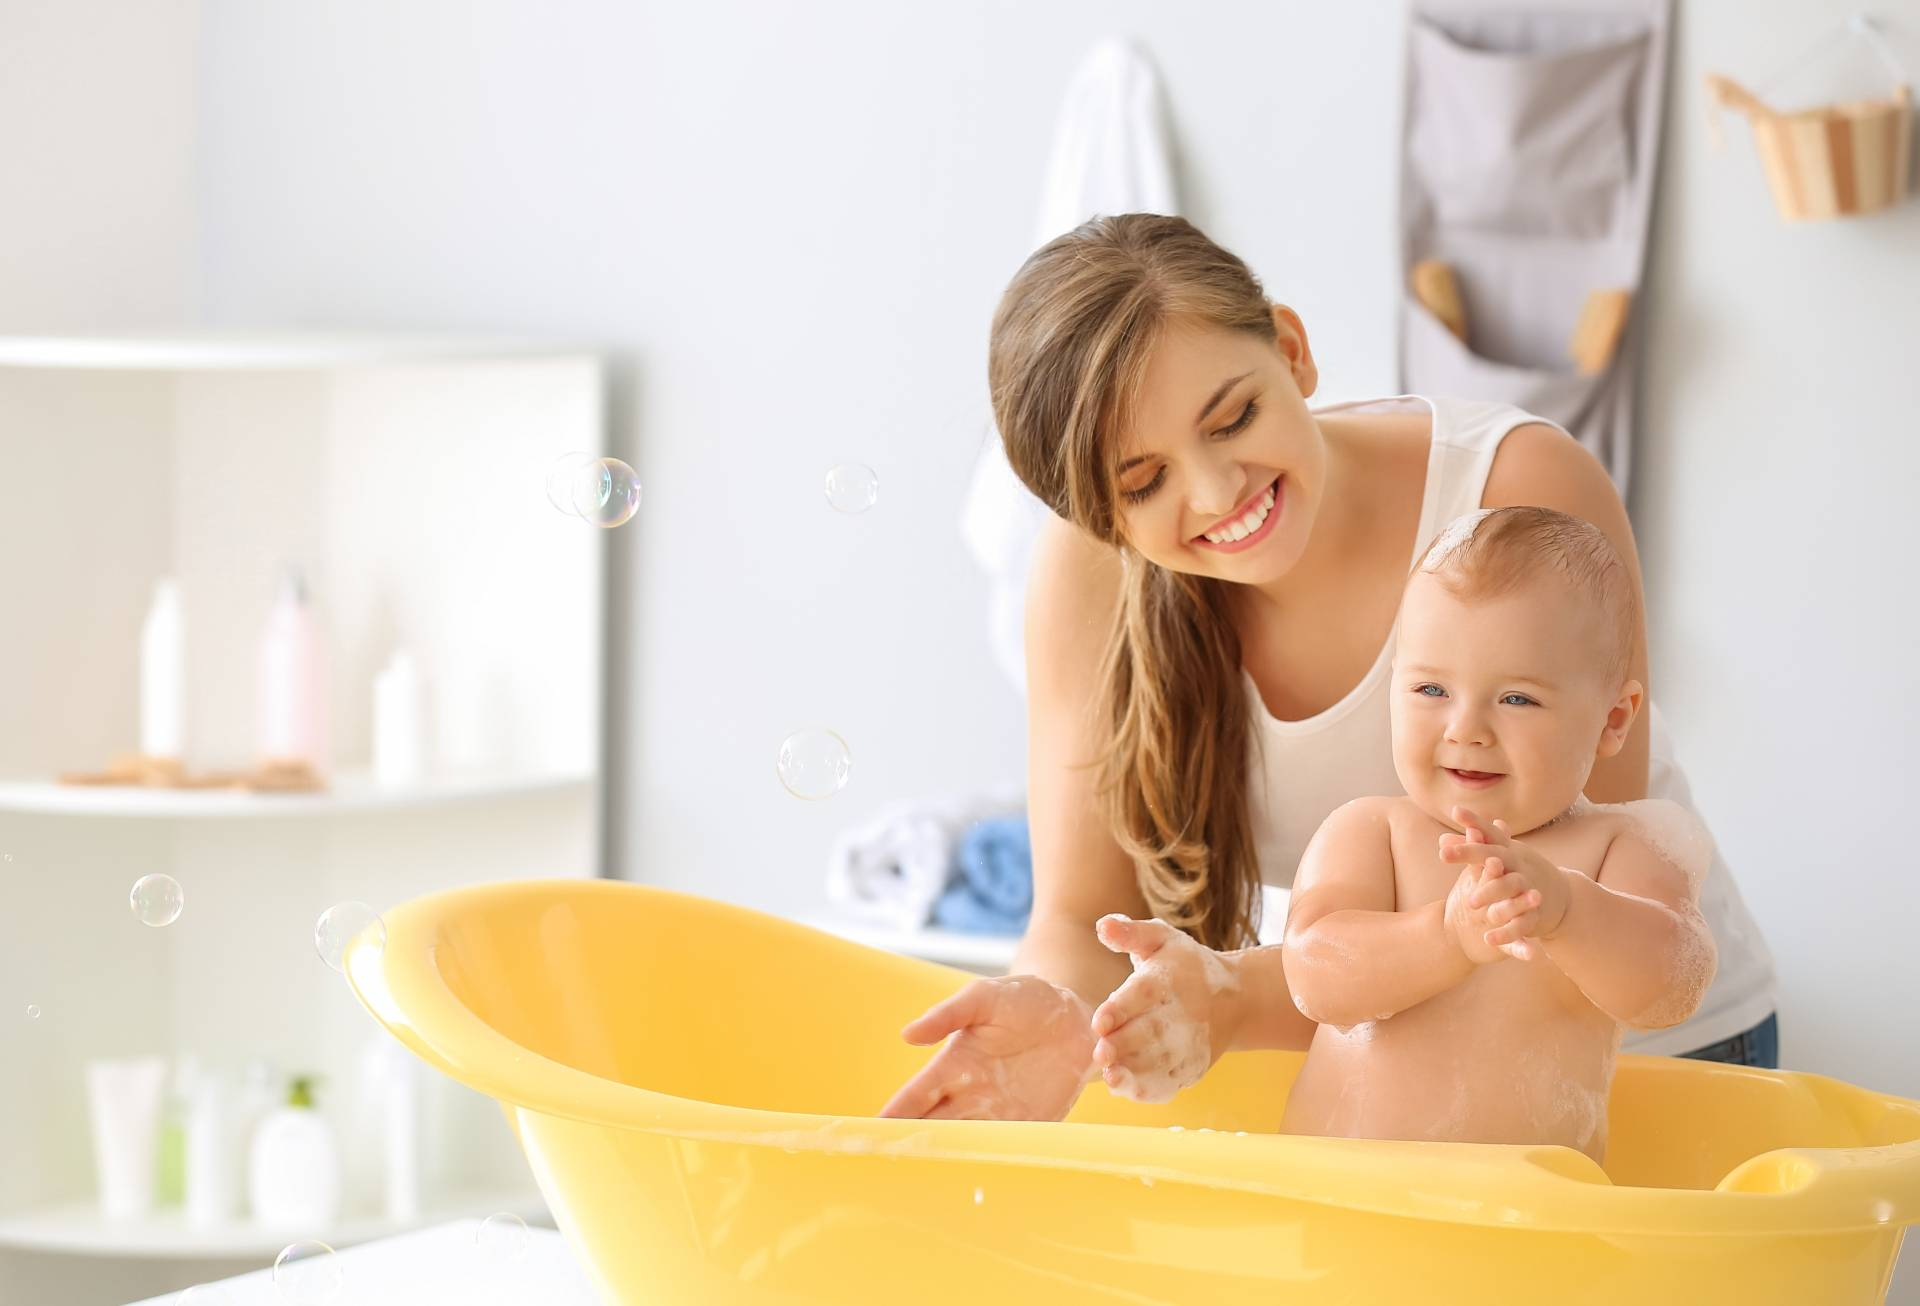 Kąpiele lecznicze na atopowe zapalenie skóry u dzieci i dorosłych. Mama kąpie niemowlę w żółtej wanience.